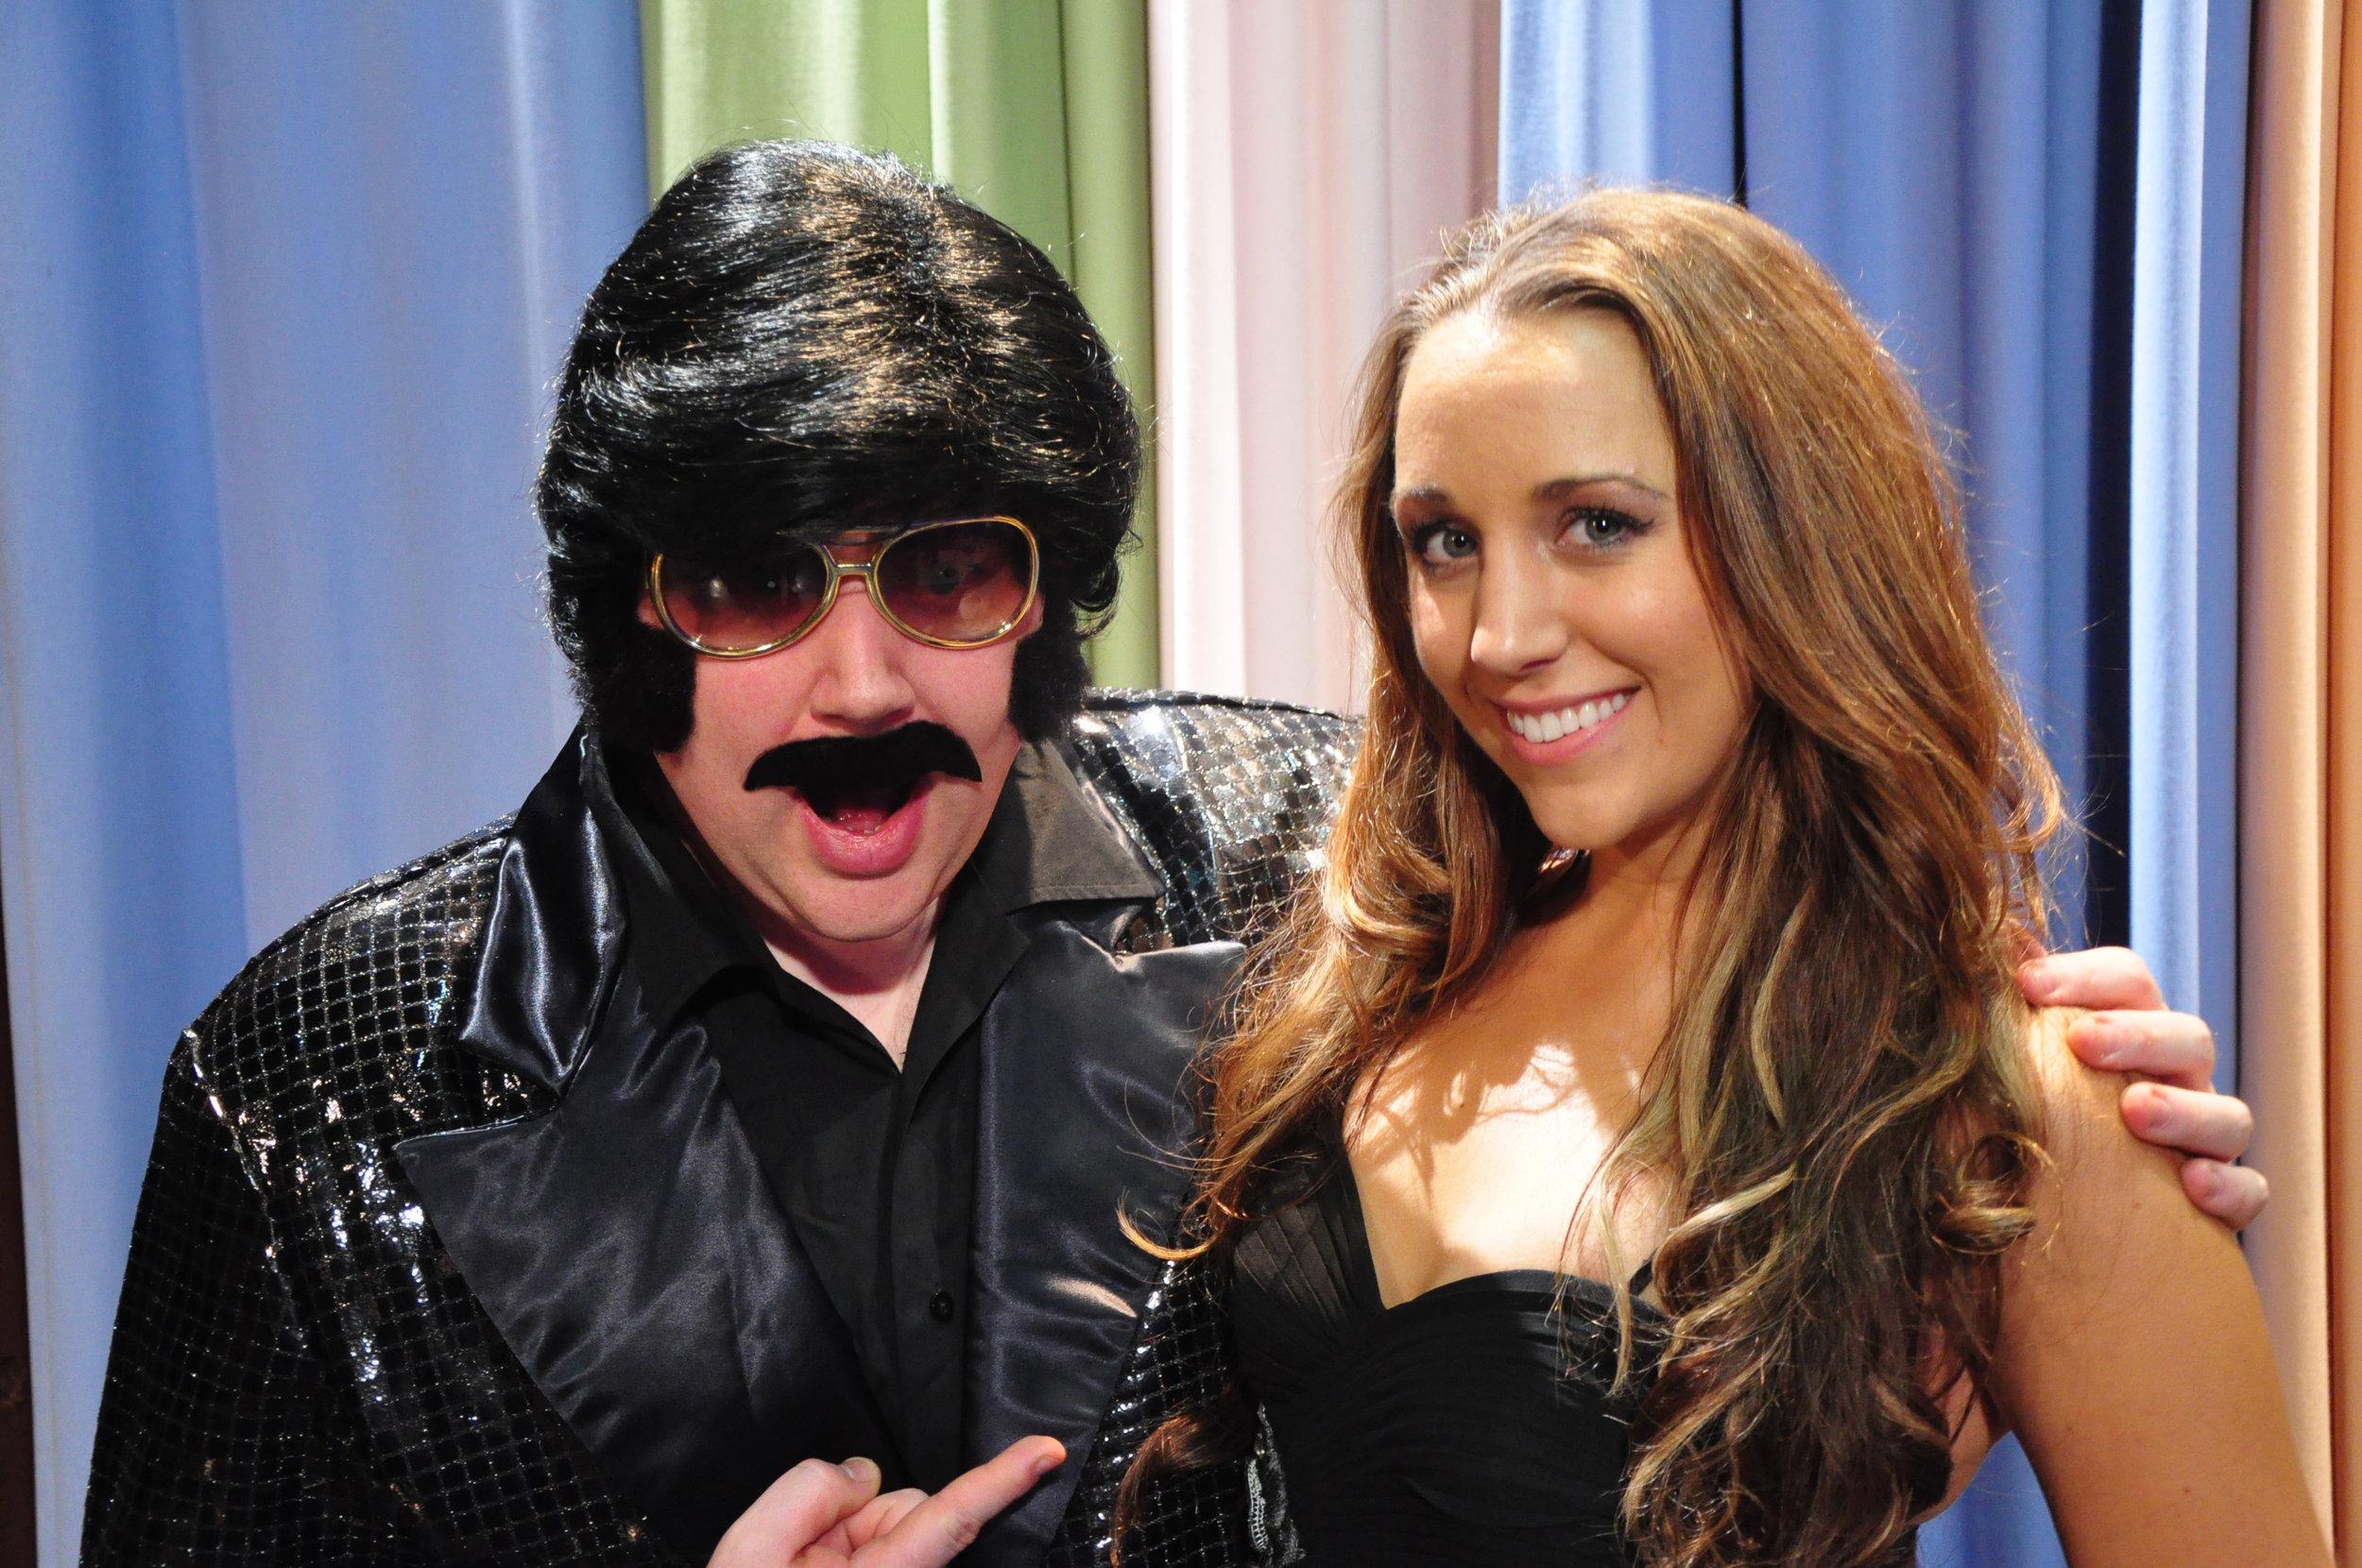 Sabrina and TC again